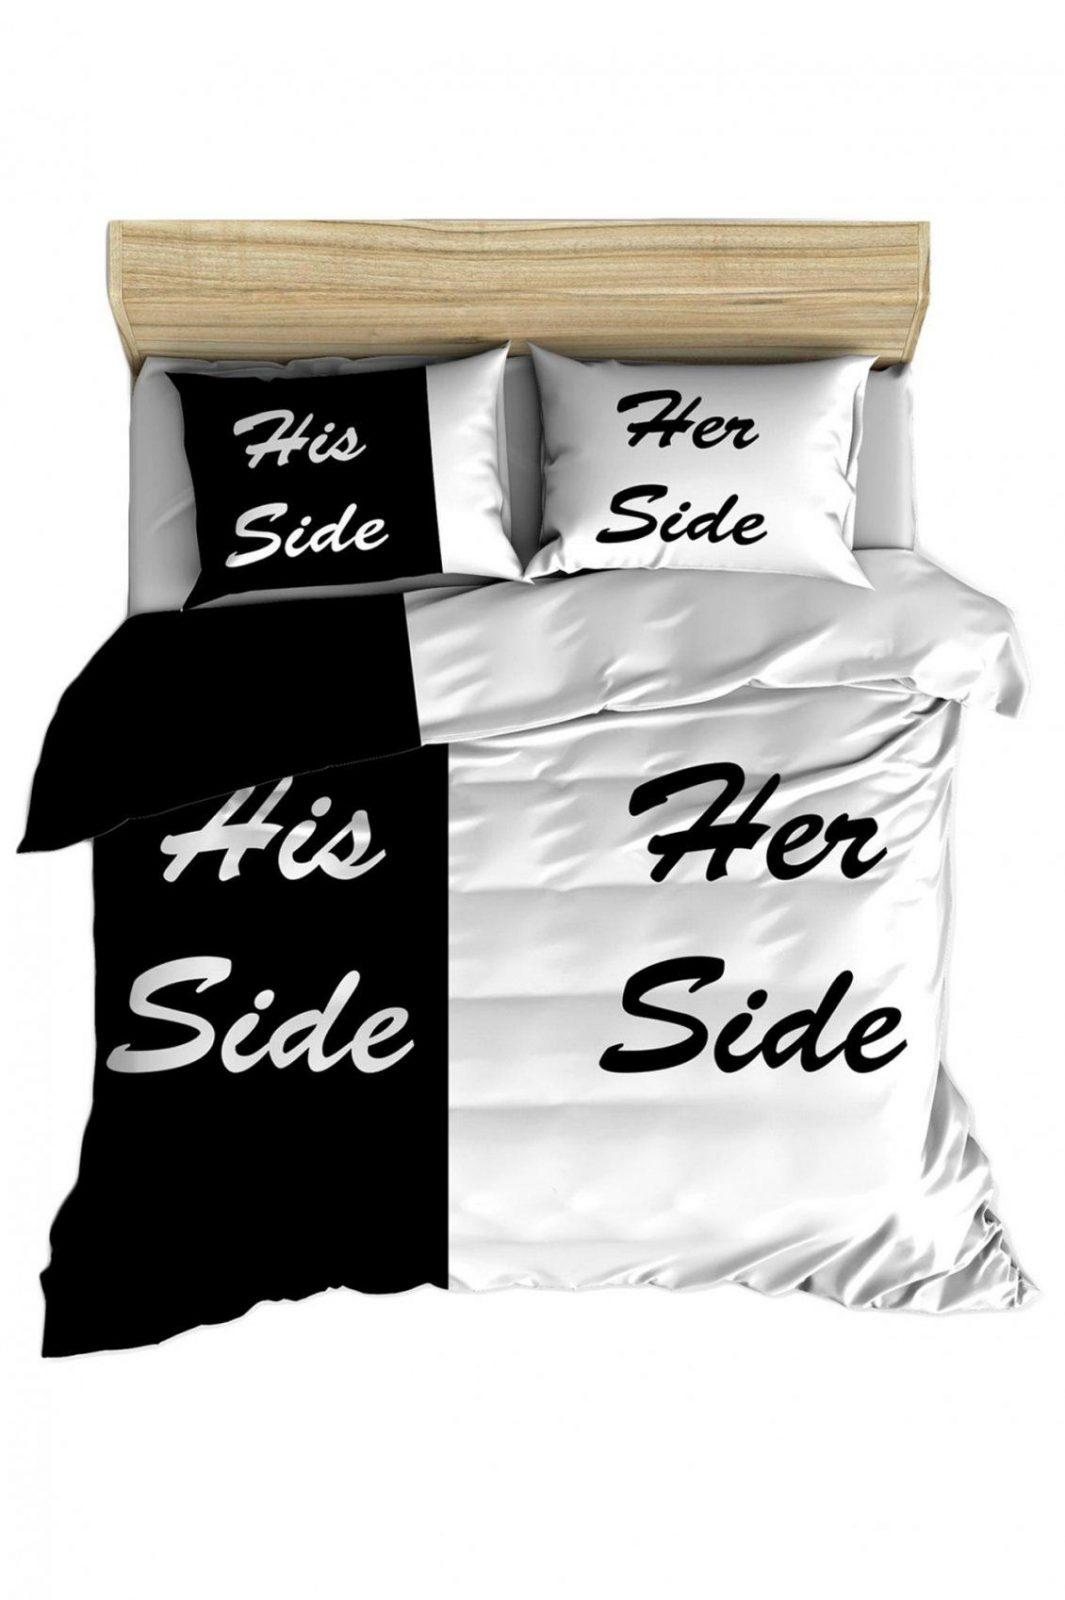 Bettwäsche His Side Her Side von His Side Her Side Bettwäsche Photo